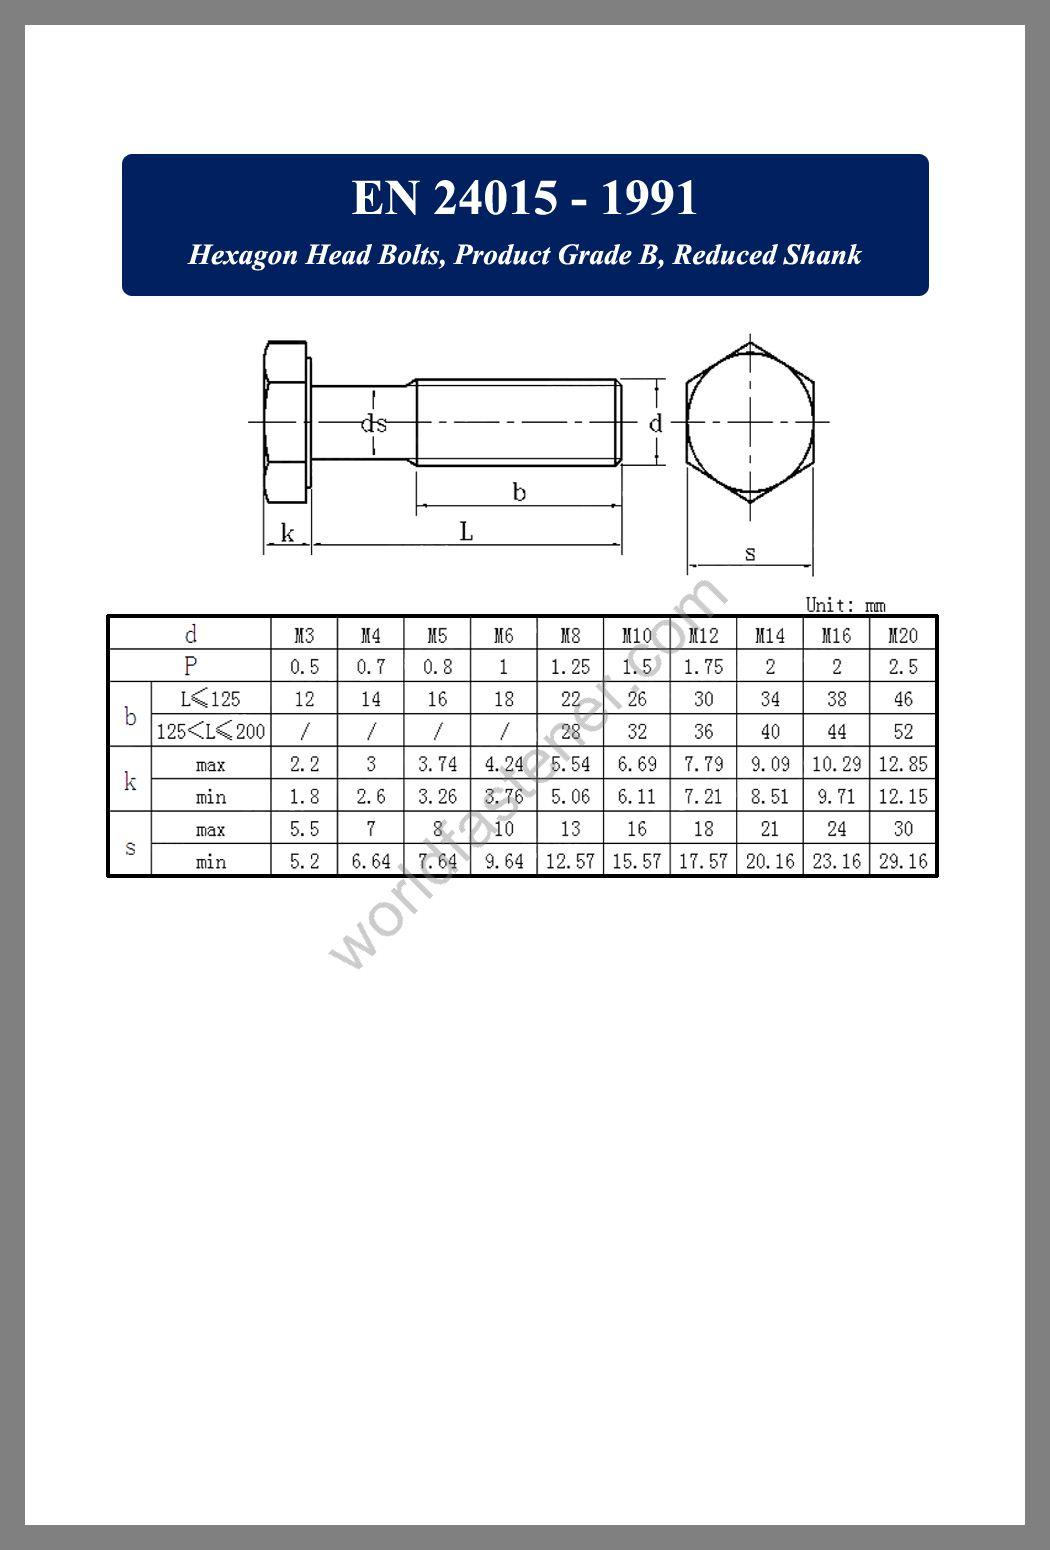 EN 24015, EN 24015 Hexagon Head Bolts, fastener, screw, bolt, EN bolt, EN fastener